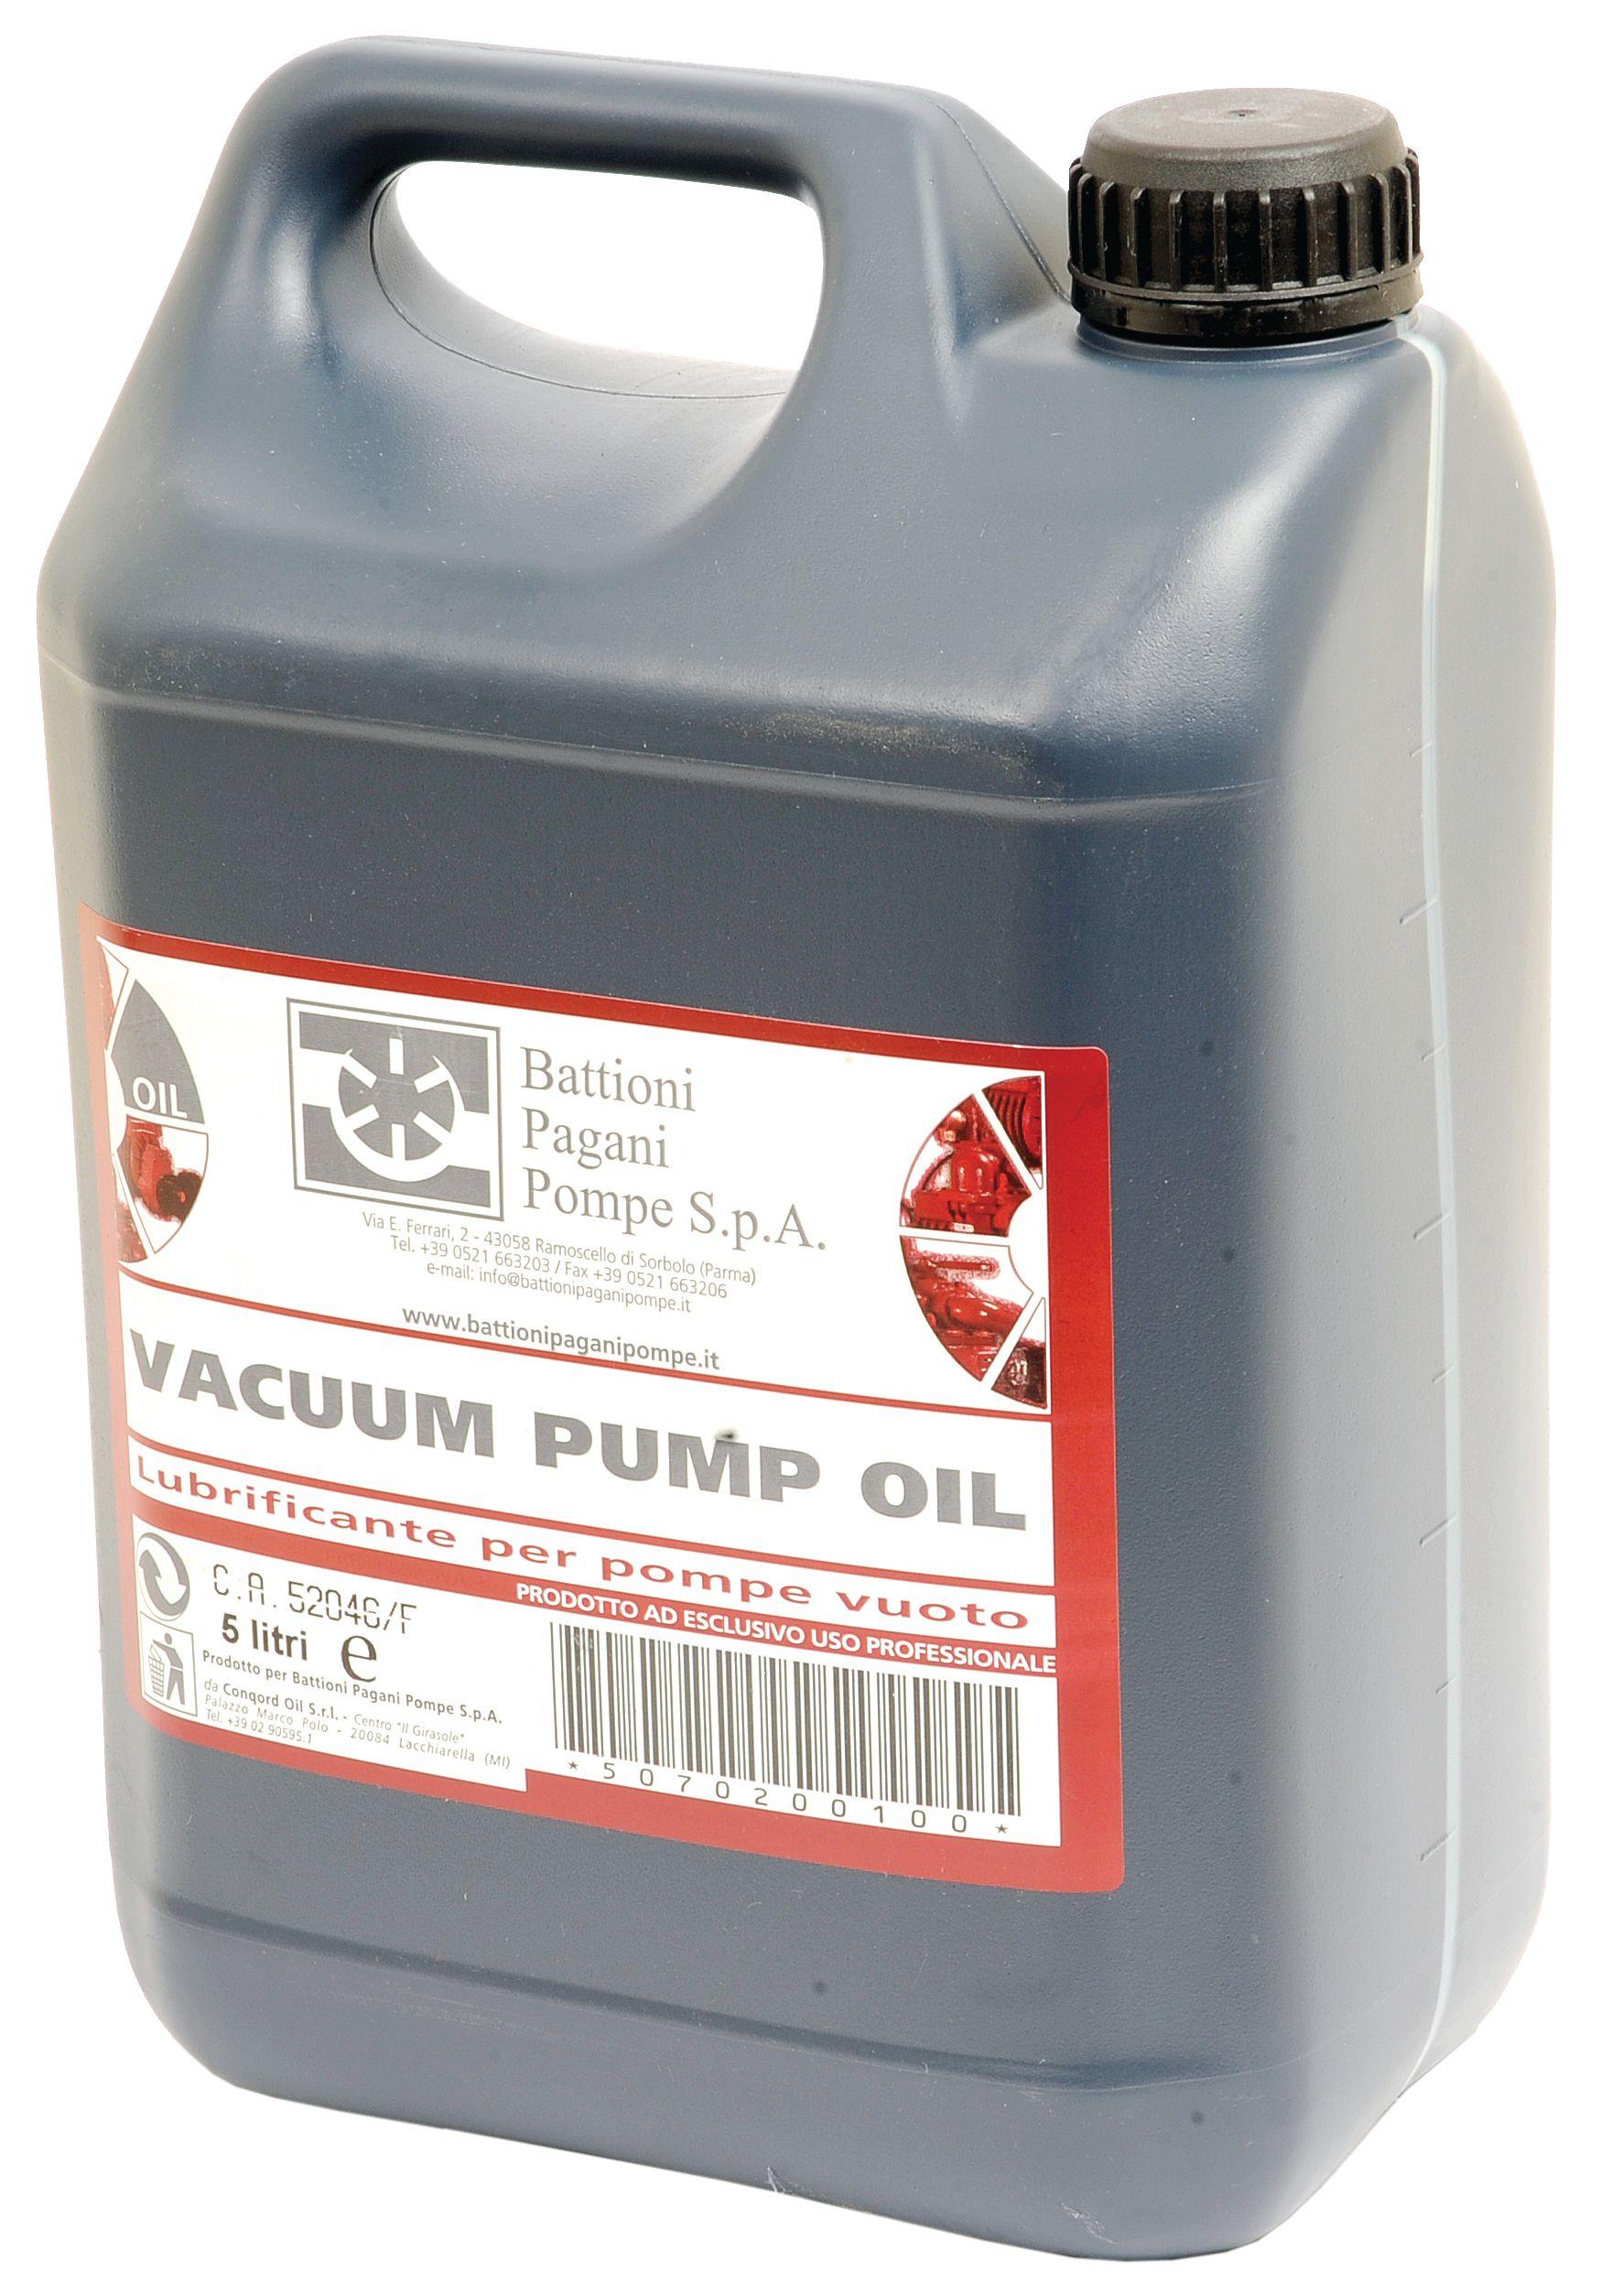 BATTIONI PAGANI POMP OIL-VACUUM PUMP 5LTR